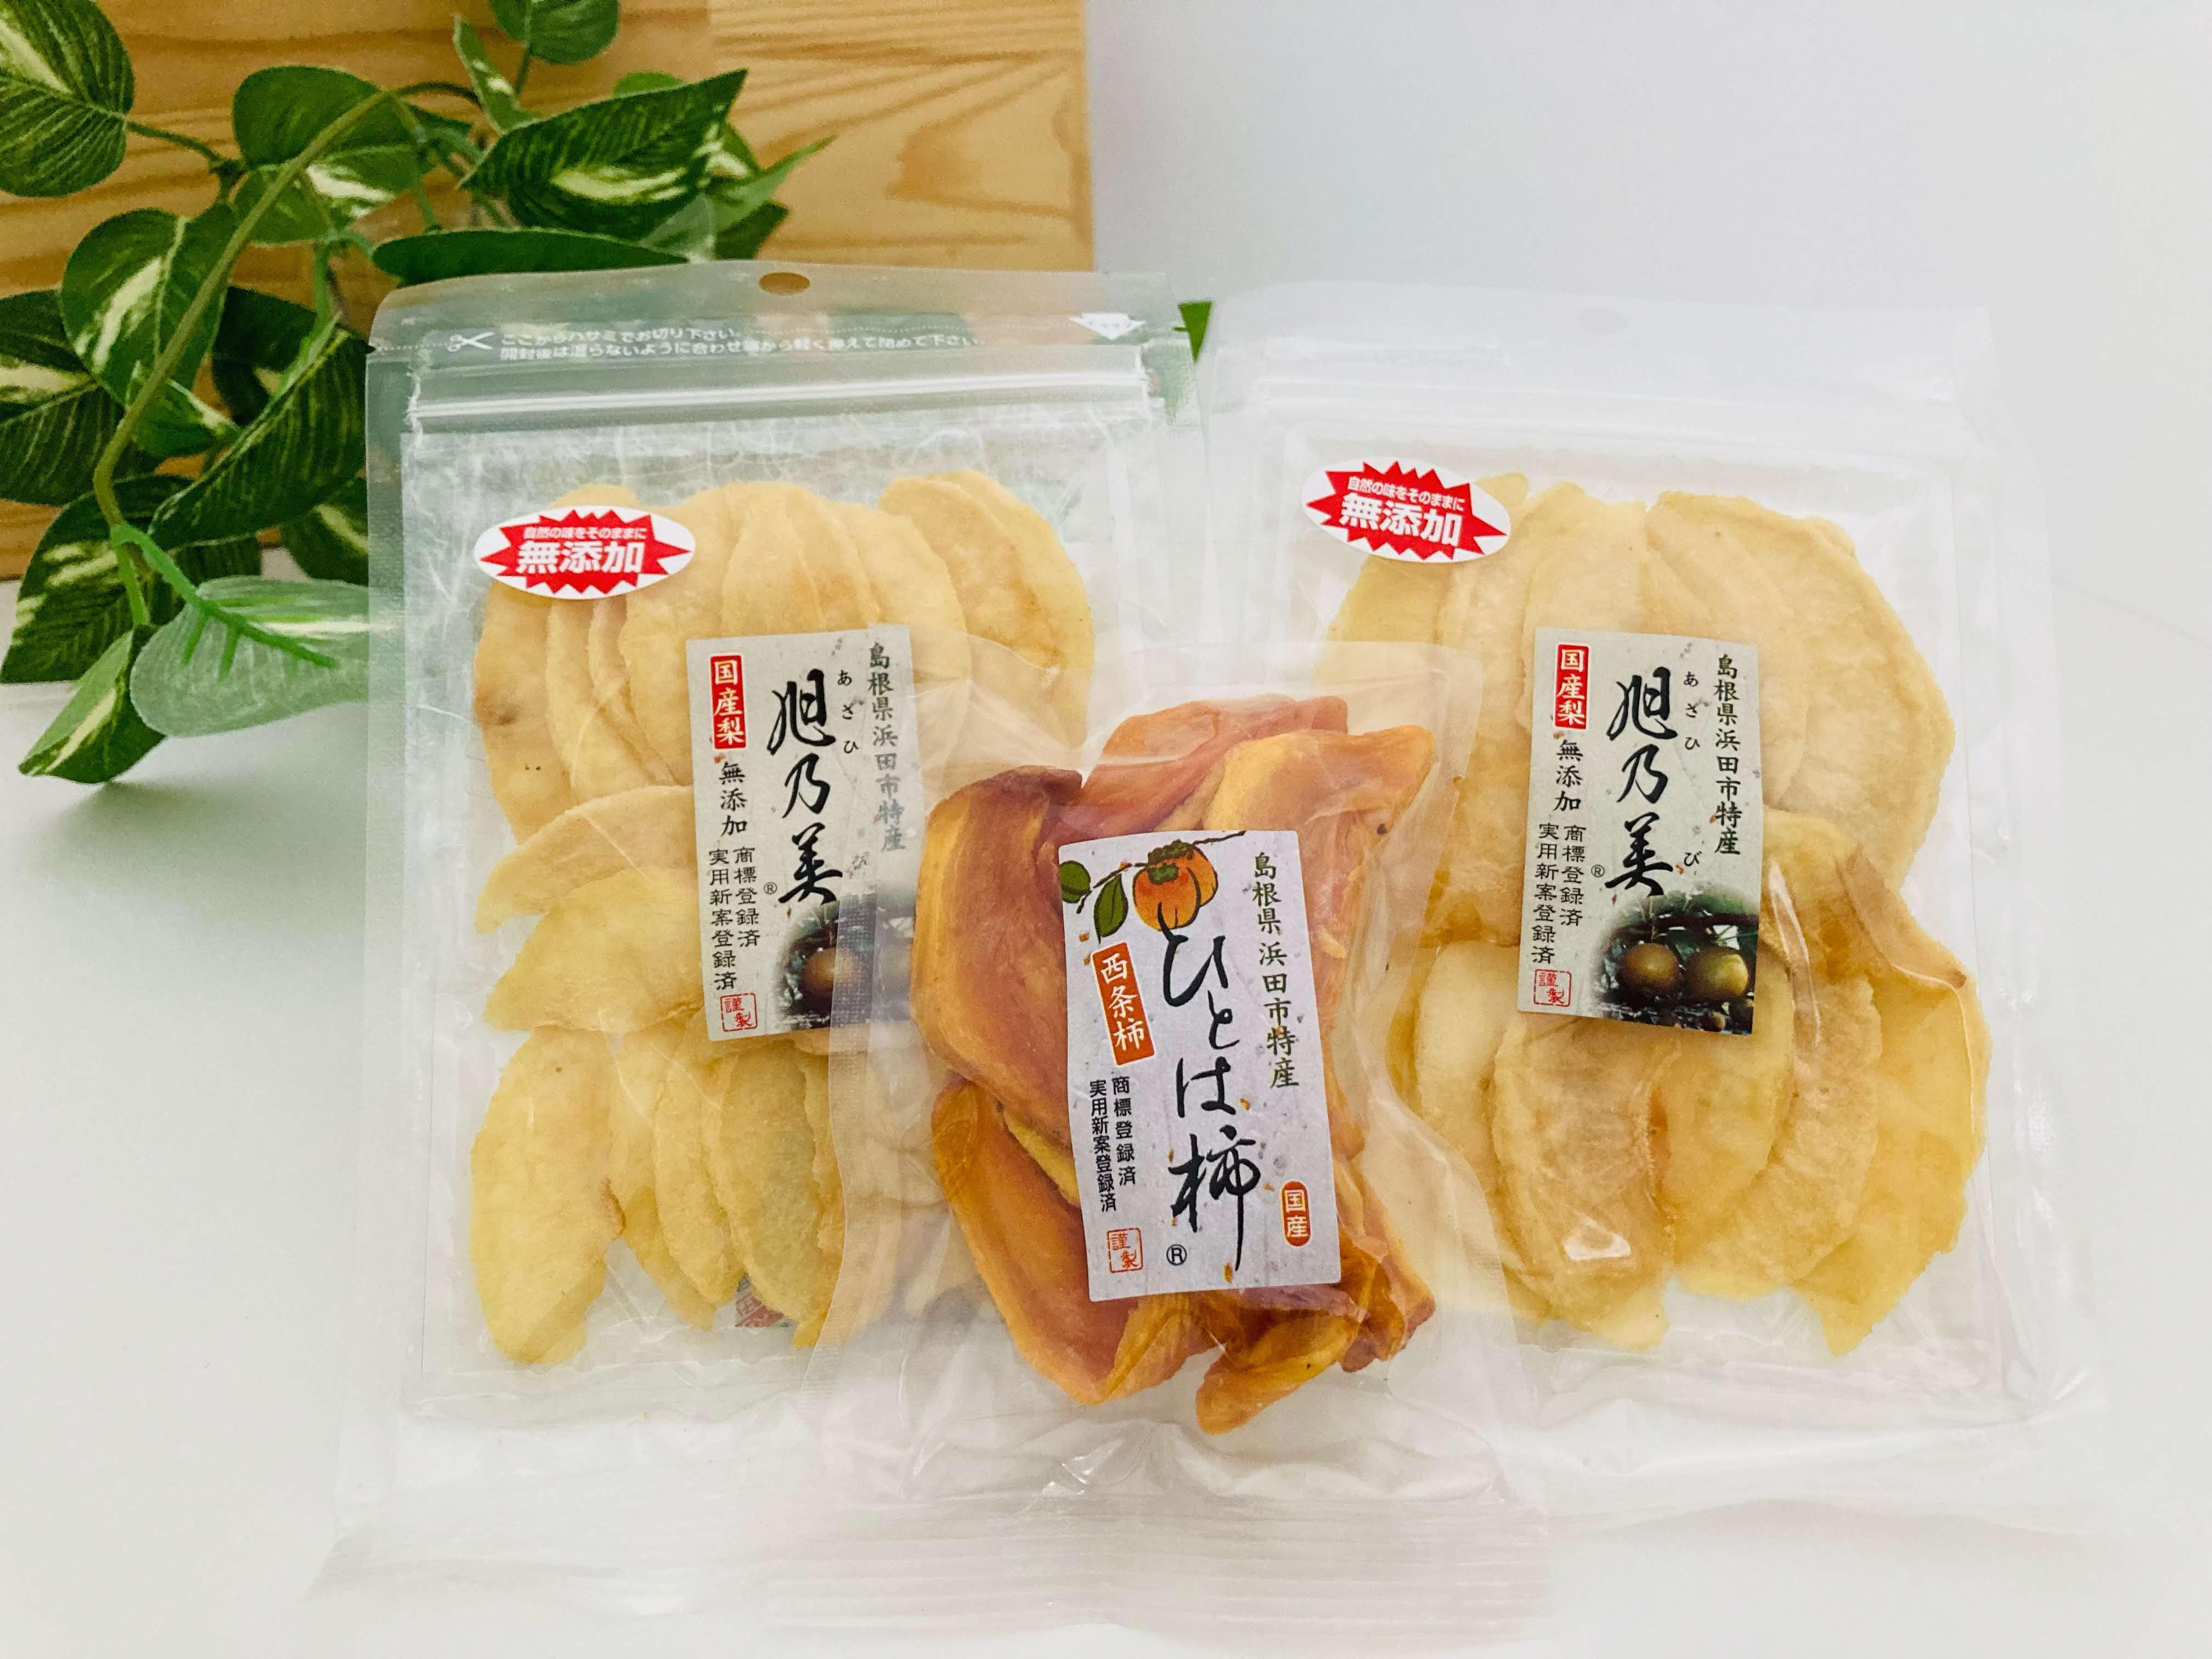 浜田市特産の梨と柿(西条柿)小袋のドライフルーツ